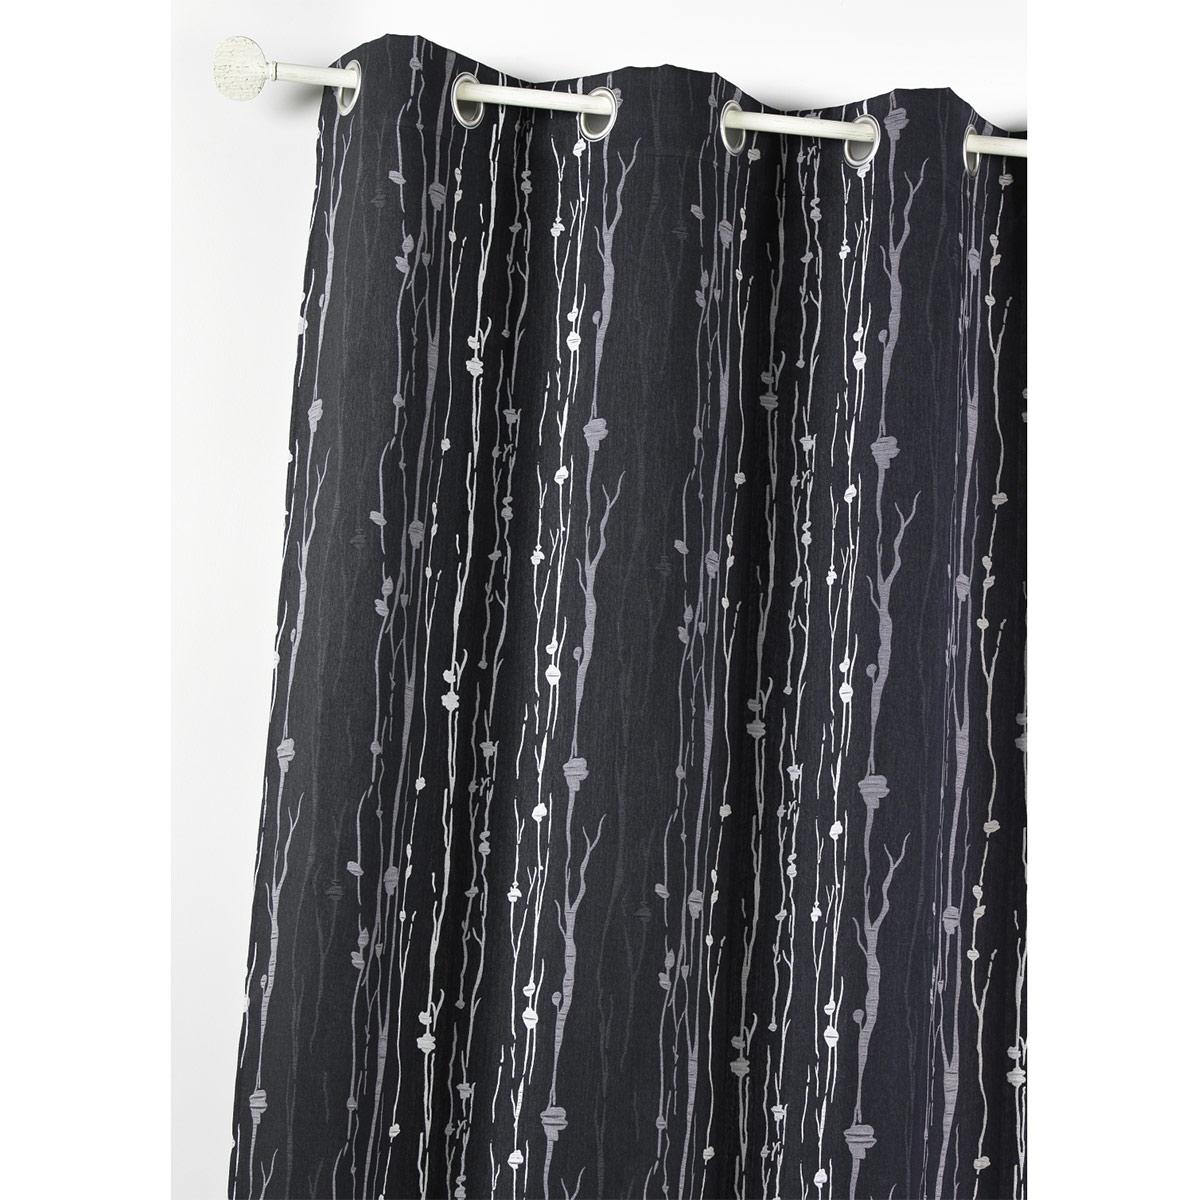 Rideau d'ameublement en jacquard imprimé racine (Noir)